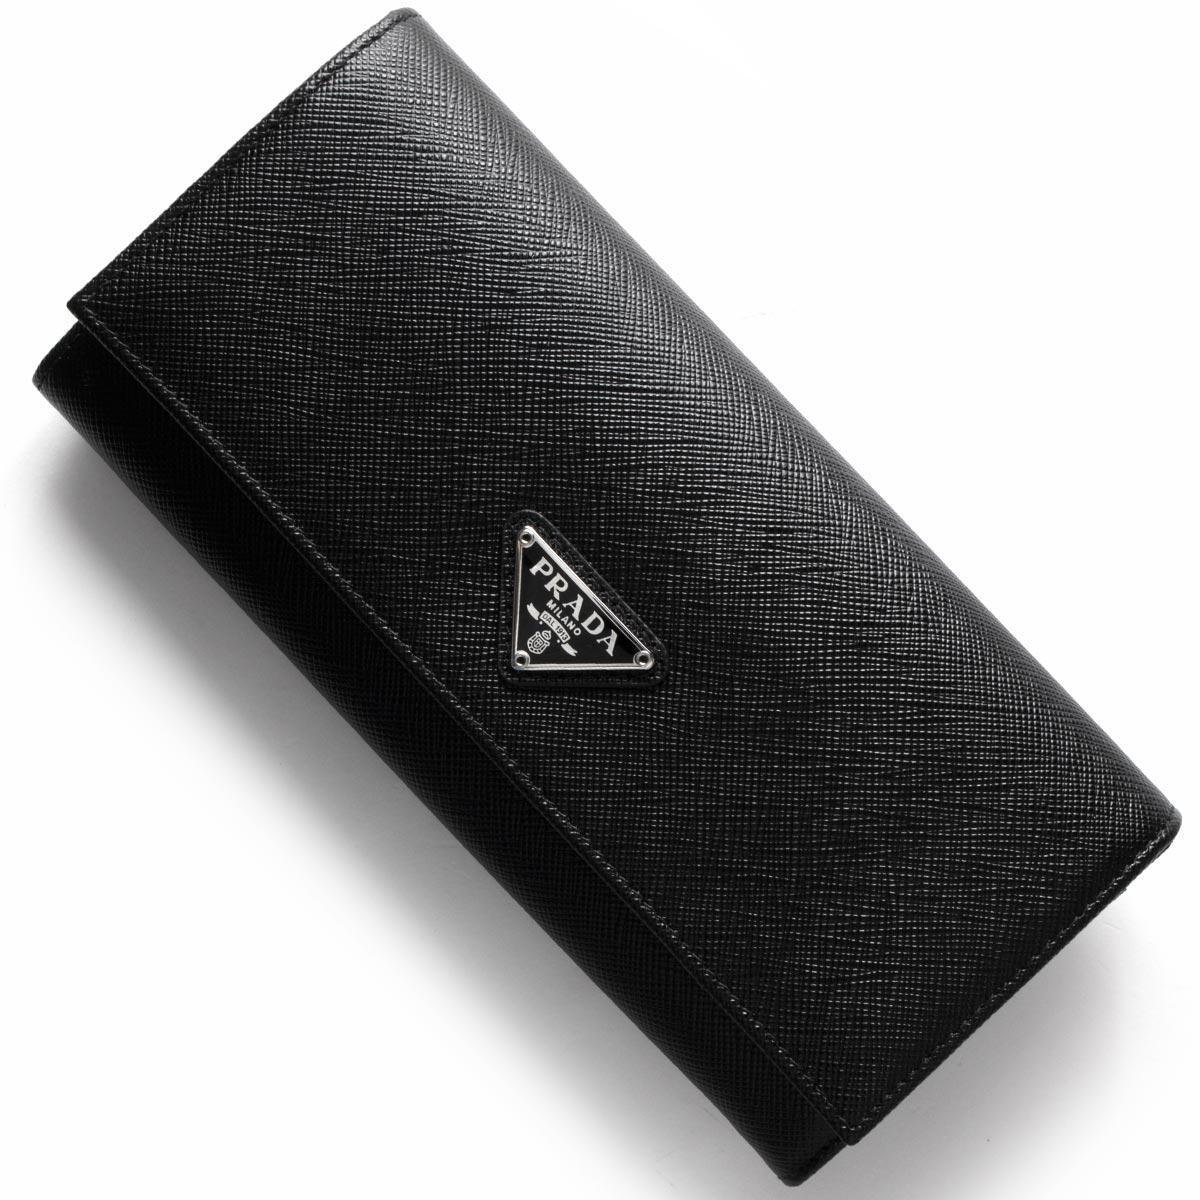 プラダ 長財布 財布 メンズ レディース SAFFIANO TRIANG ブラック 1MH132 QHH F0632 PRADA